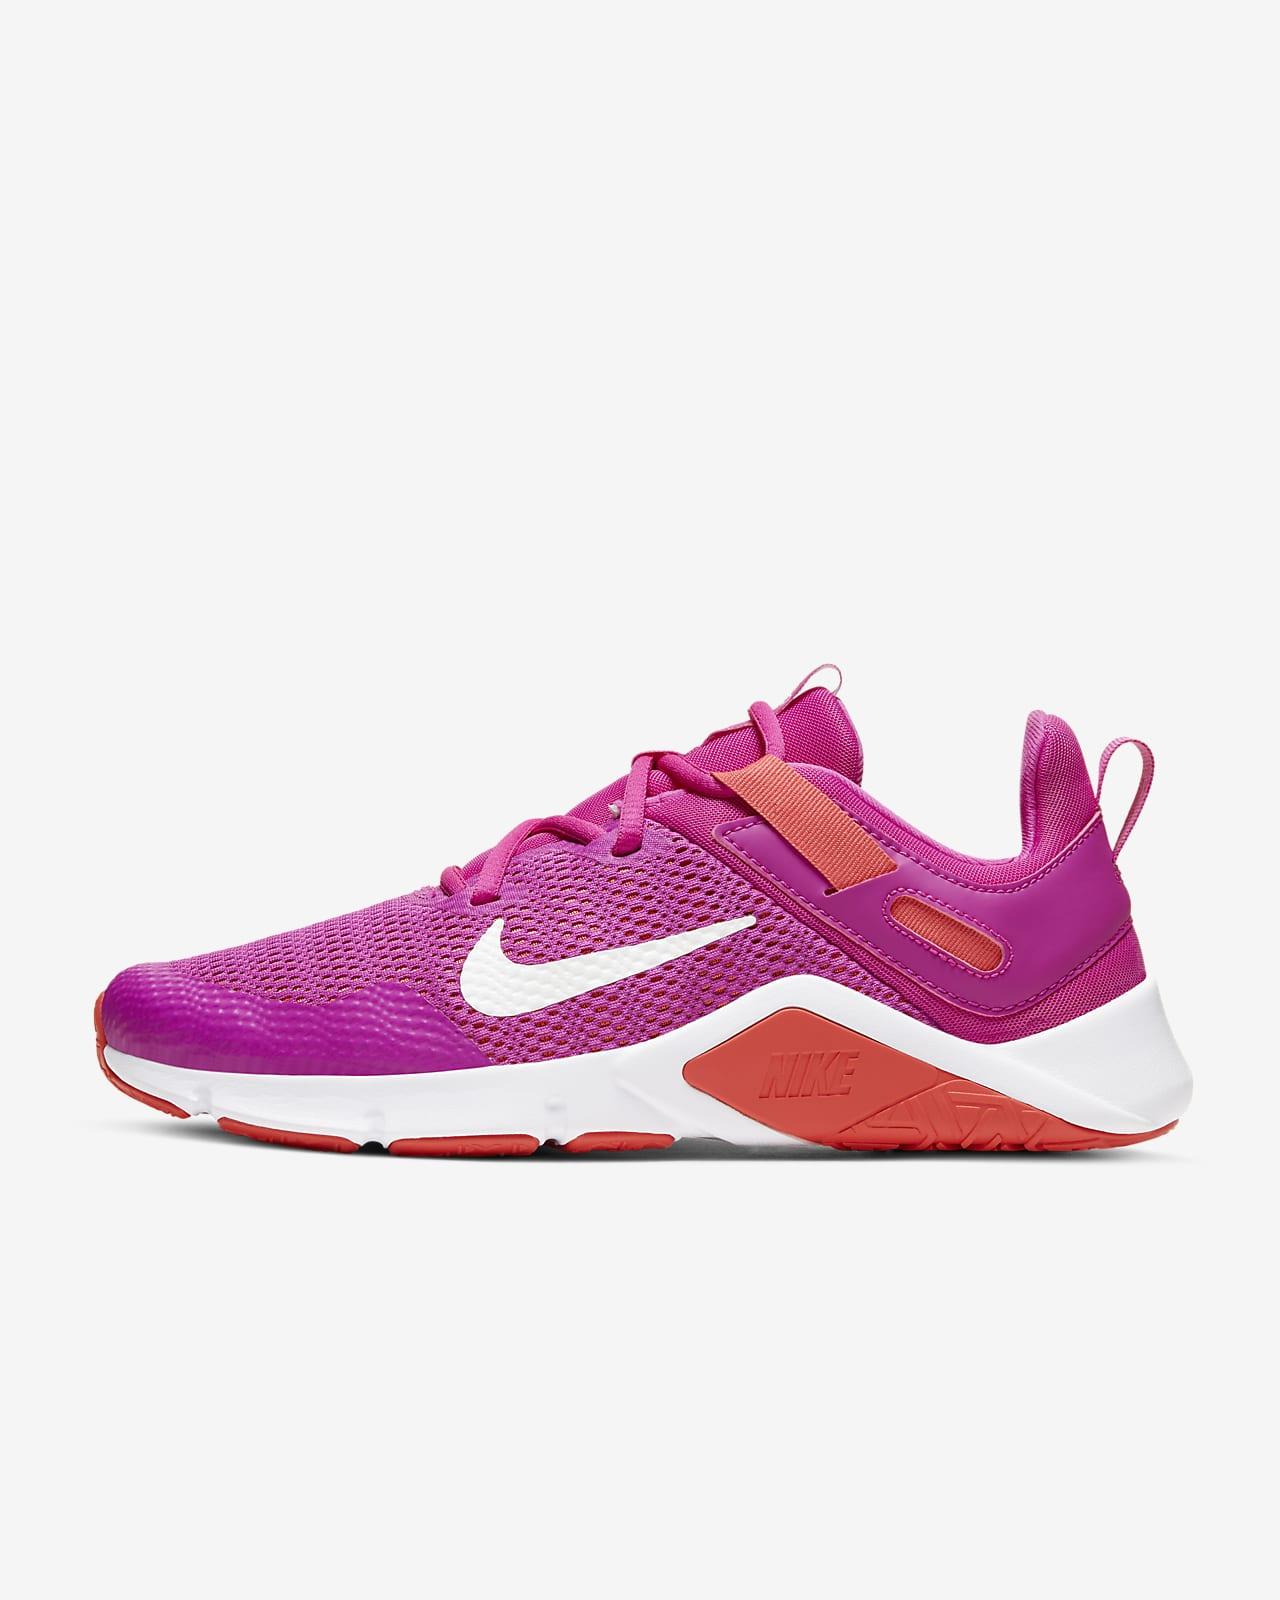 Dámská tréninková bota Nike Legend Essential